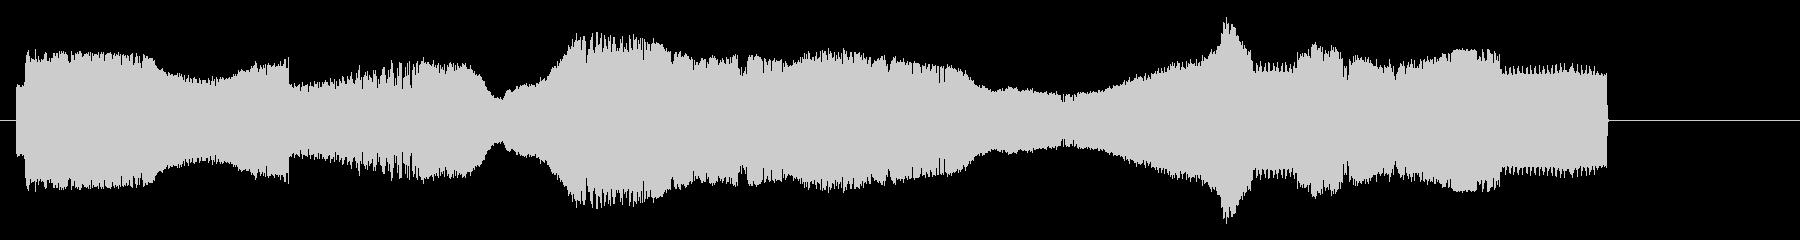 古いラジオのチューニング【洋画風】の未再生の波形